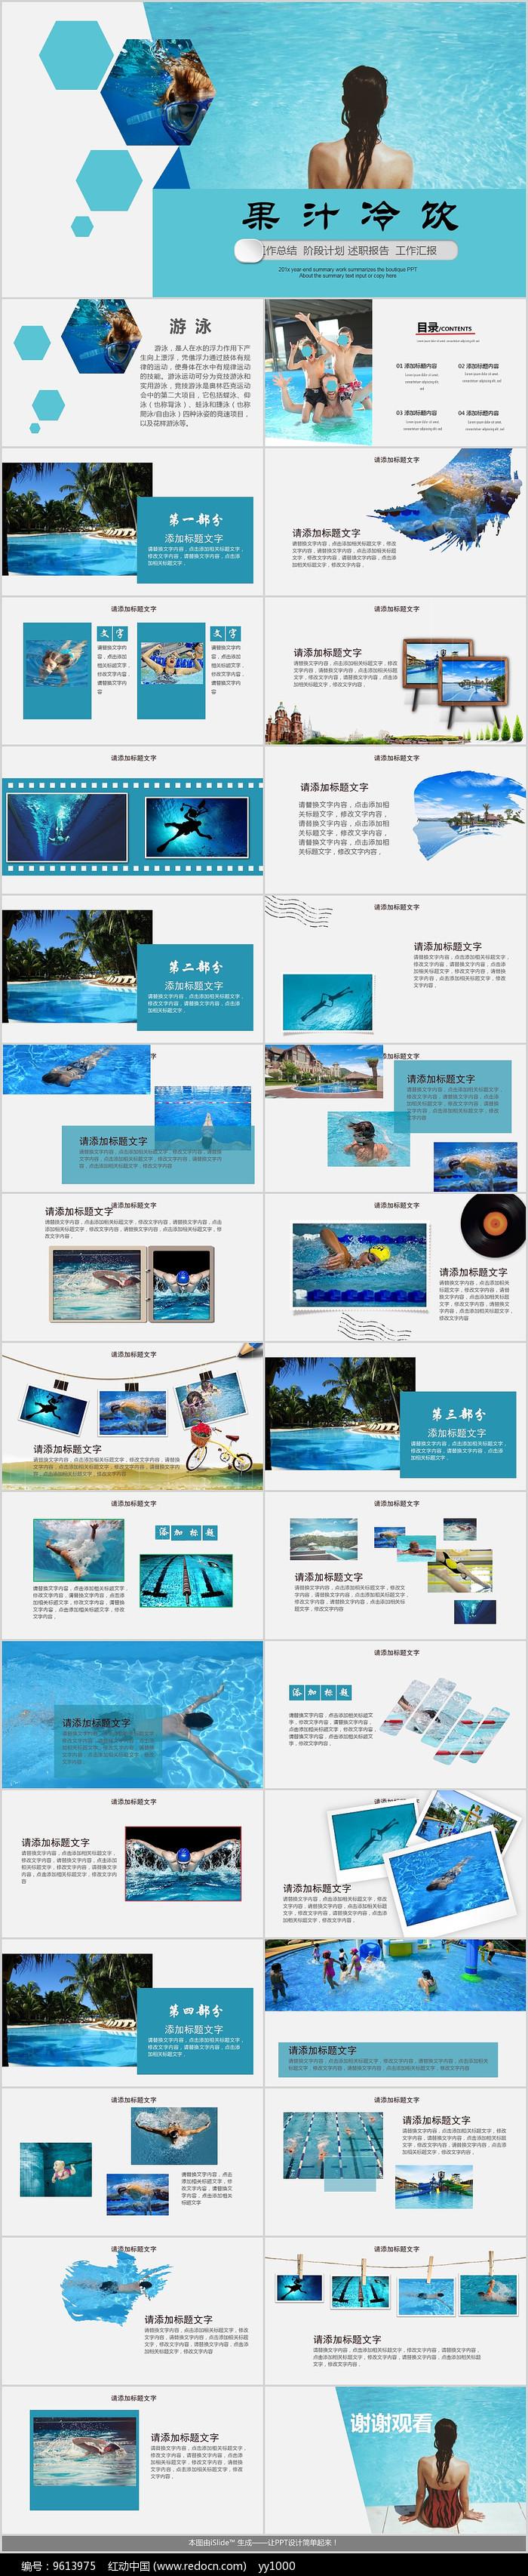 体育比赛游泳运动PPT模板图片